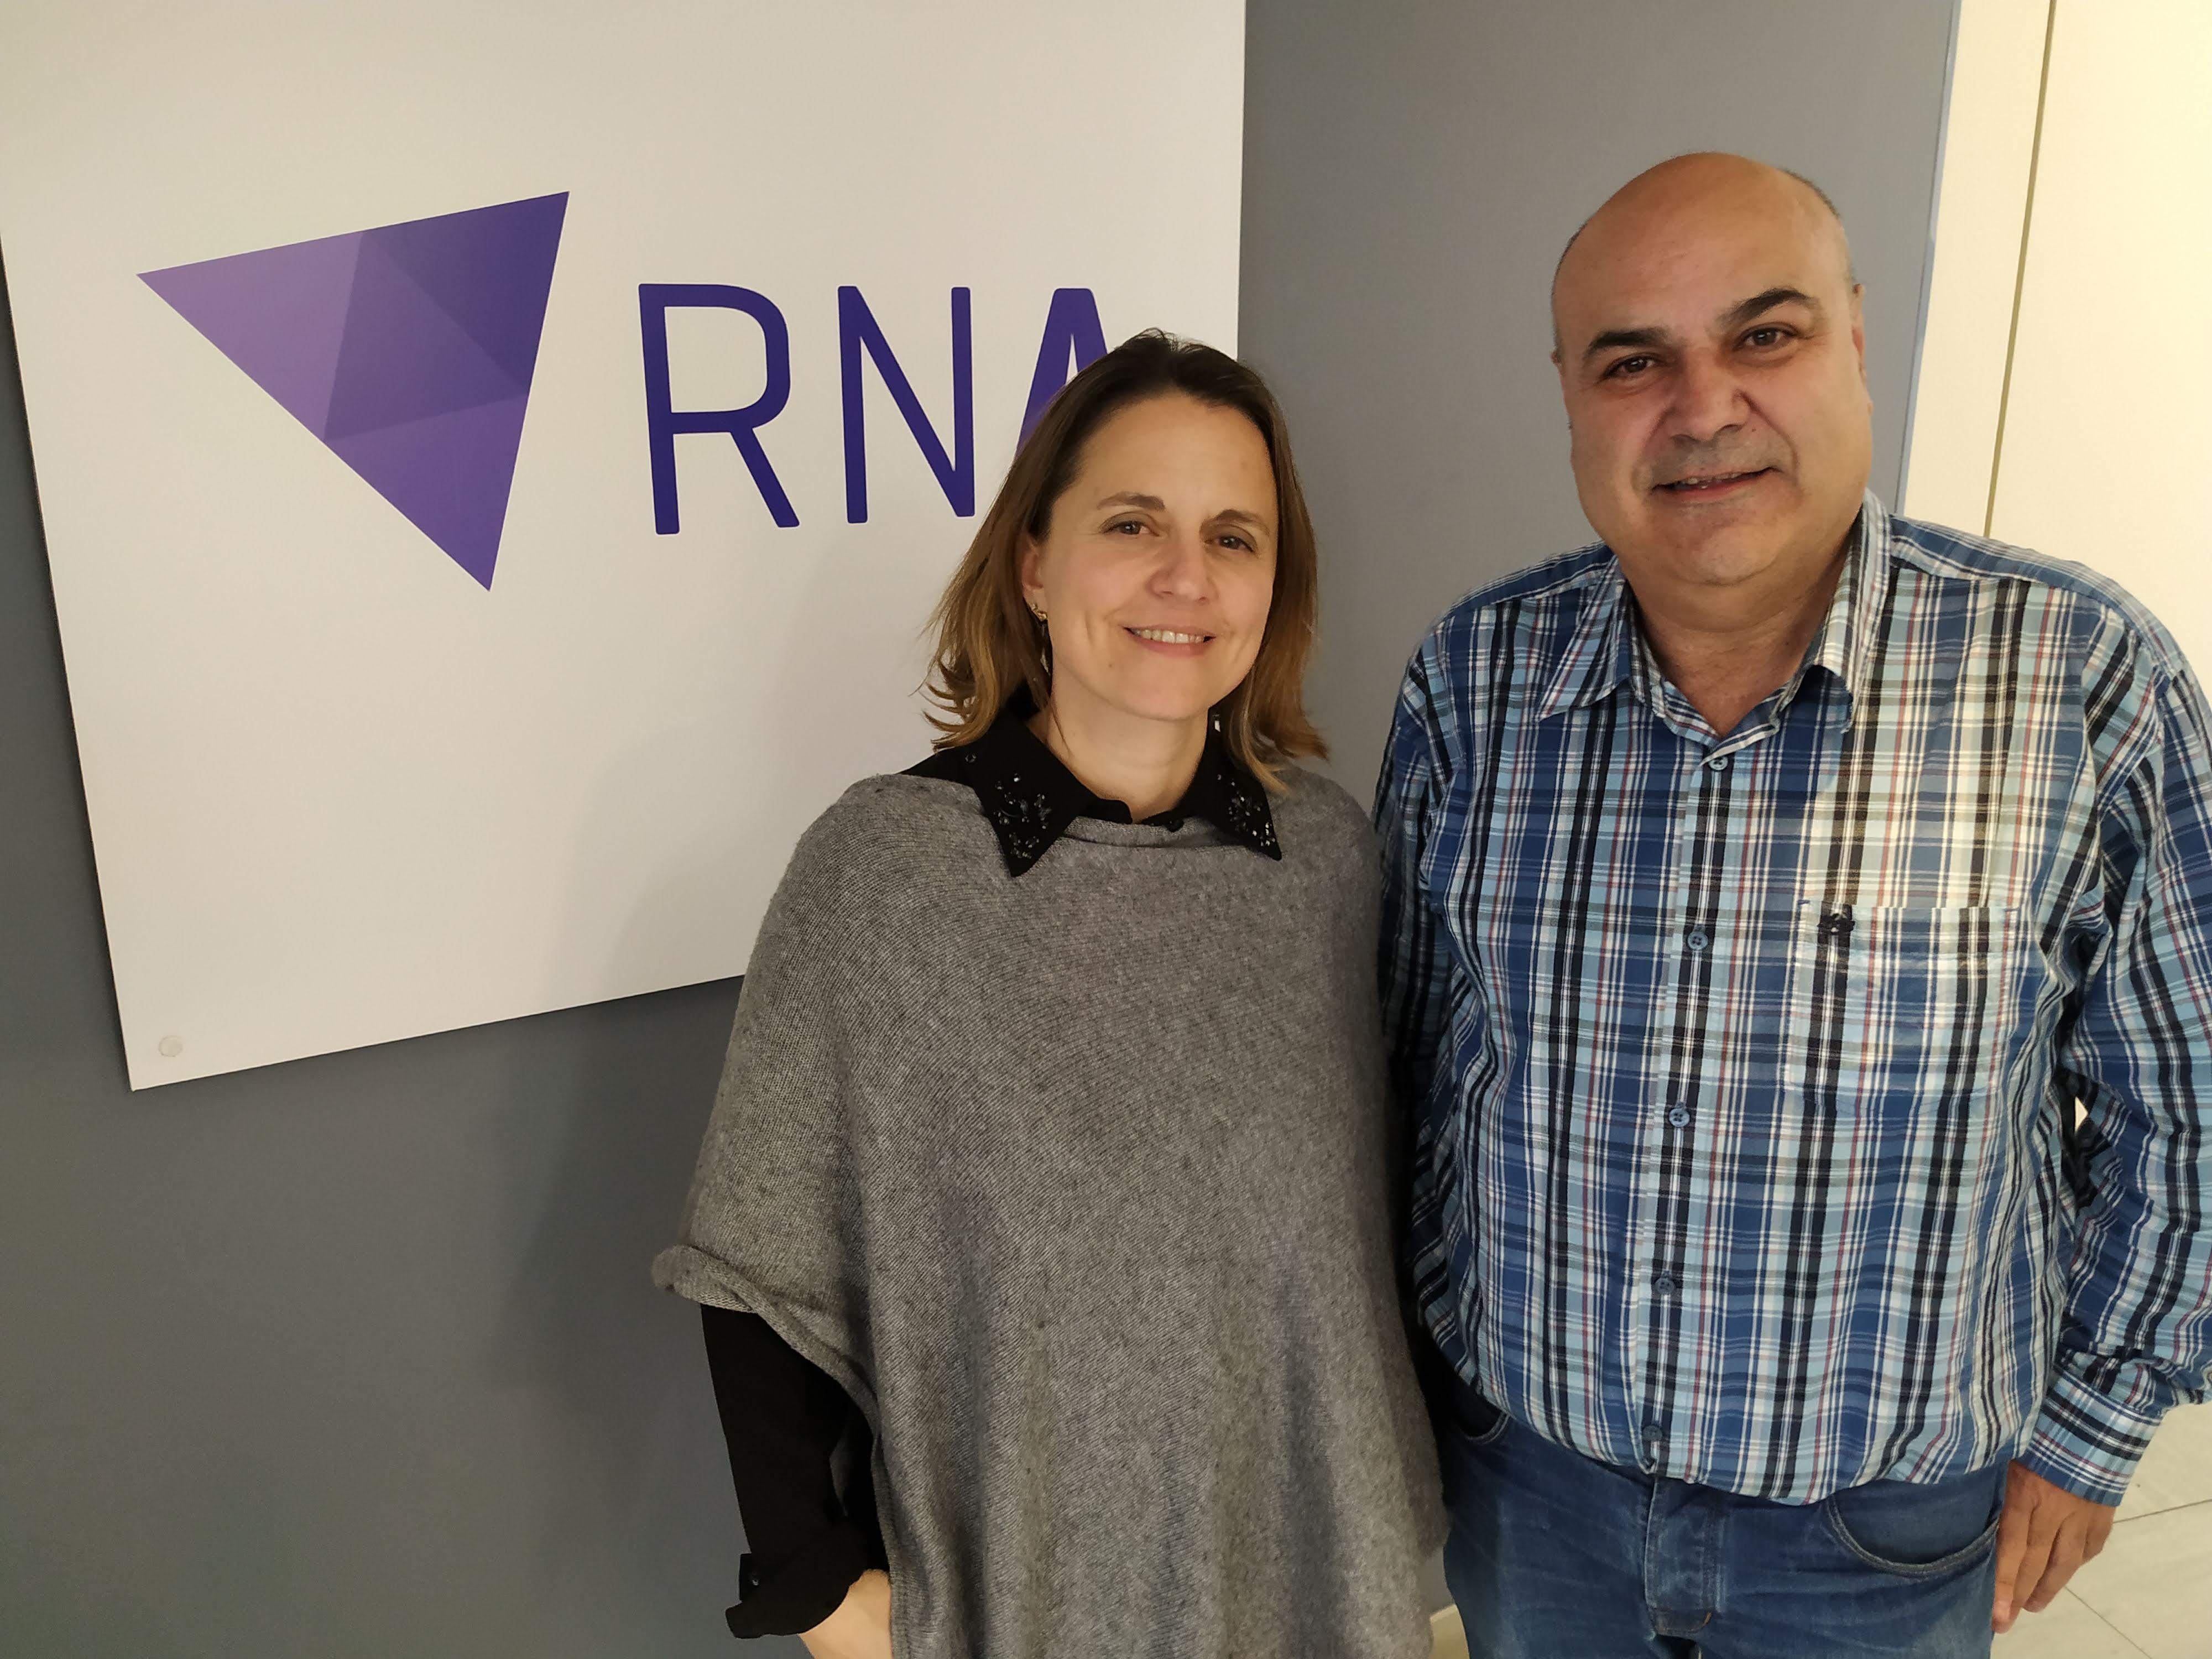 Entrevista a la nova cònsol d'Escaldes-Engordany, Rosa Gili